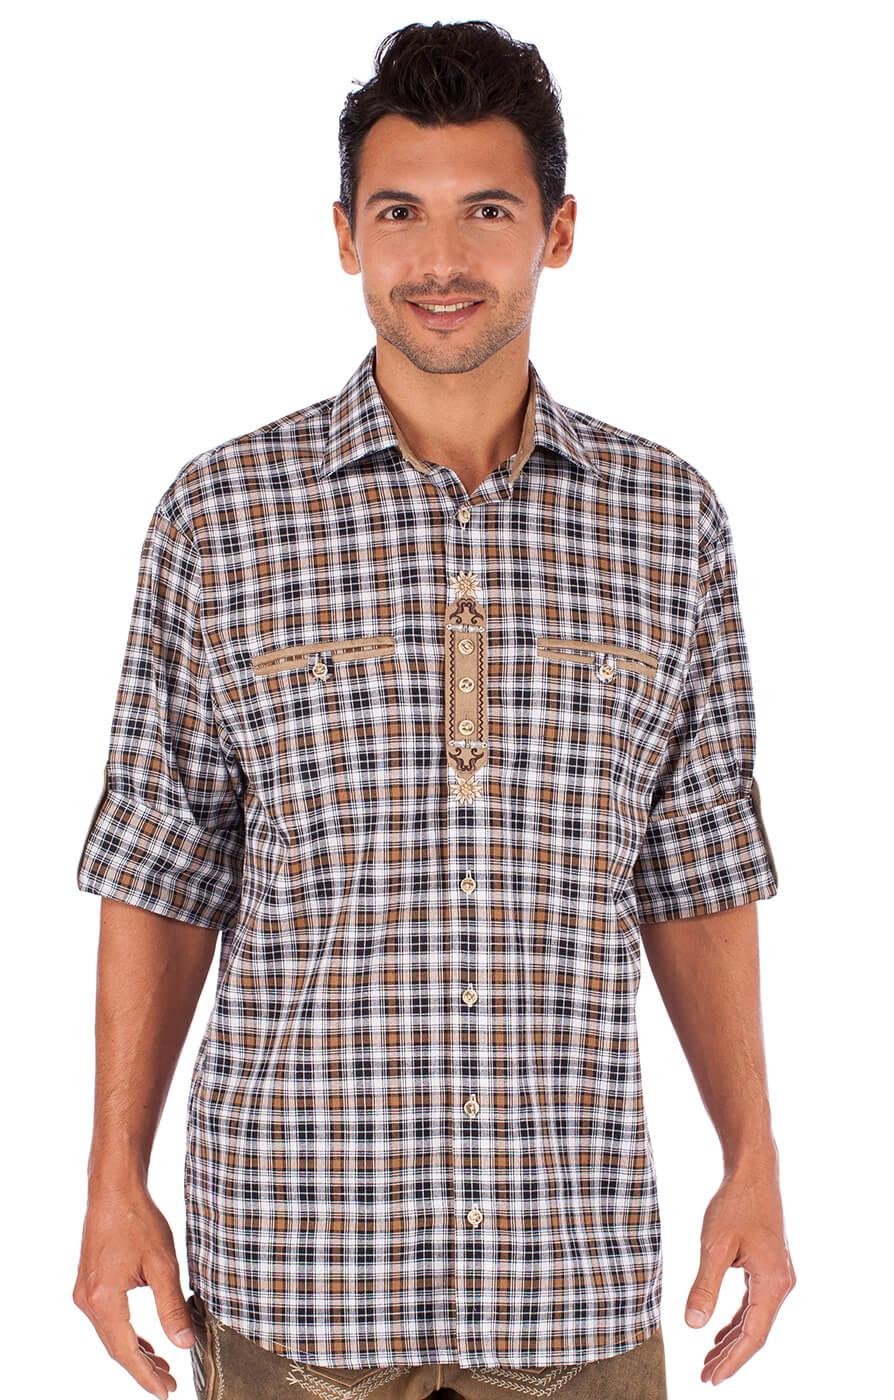 German traditional shirt 920004-3310-69 brown von OS-Trachten